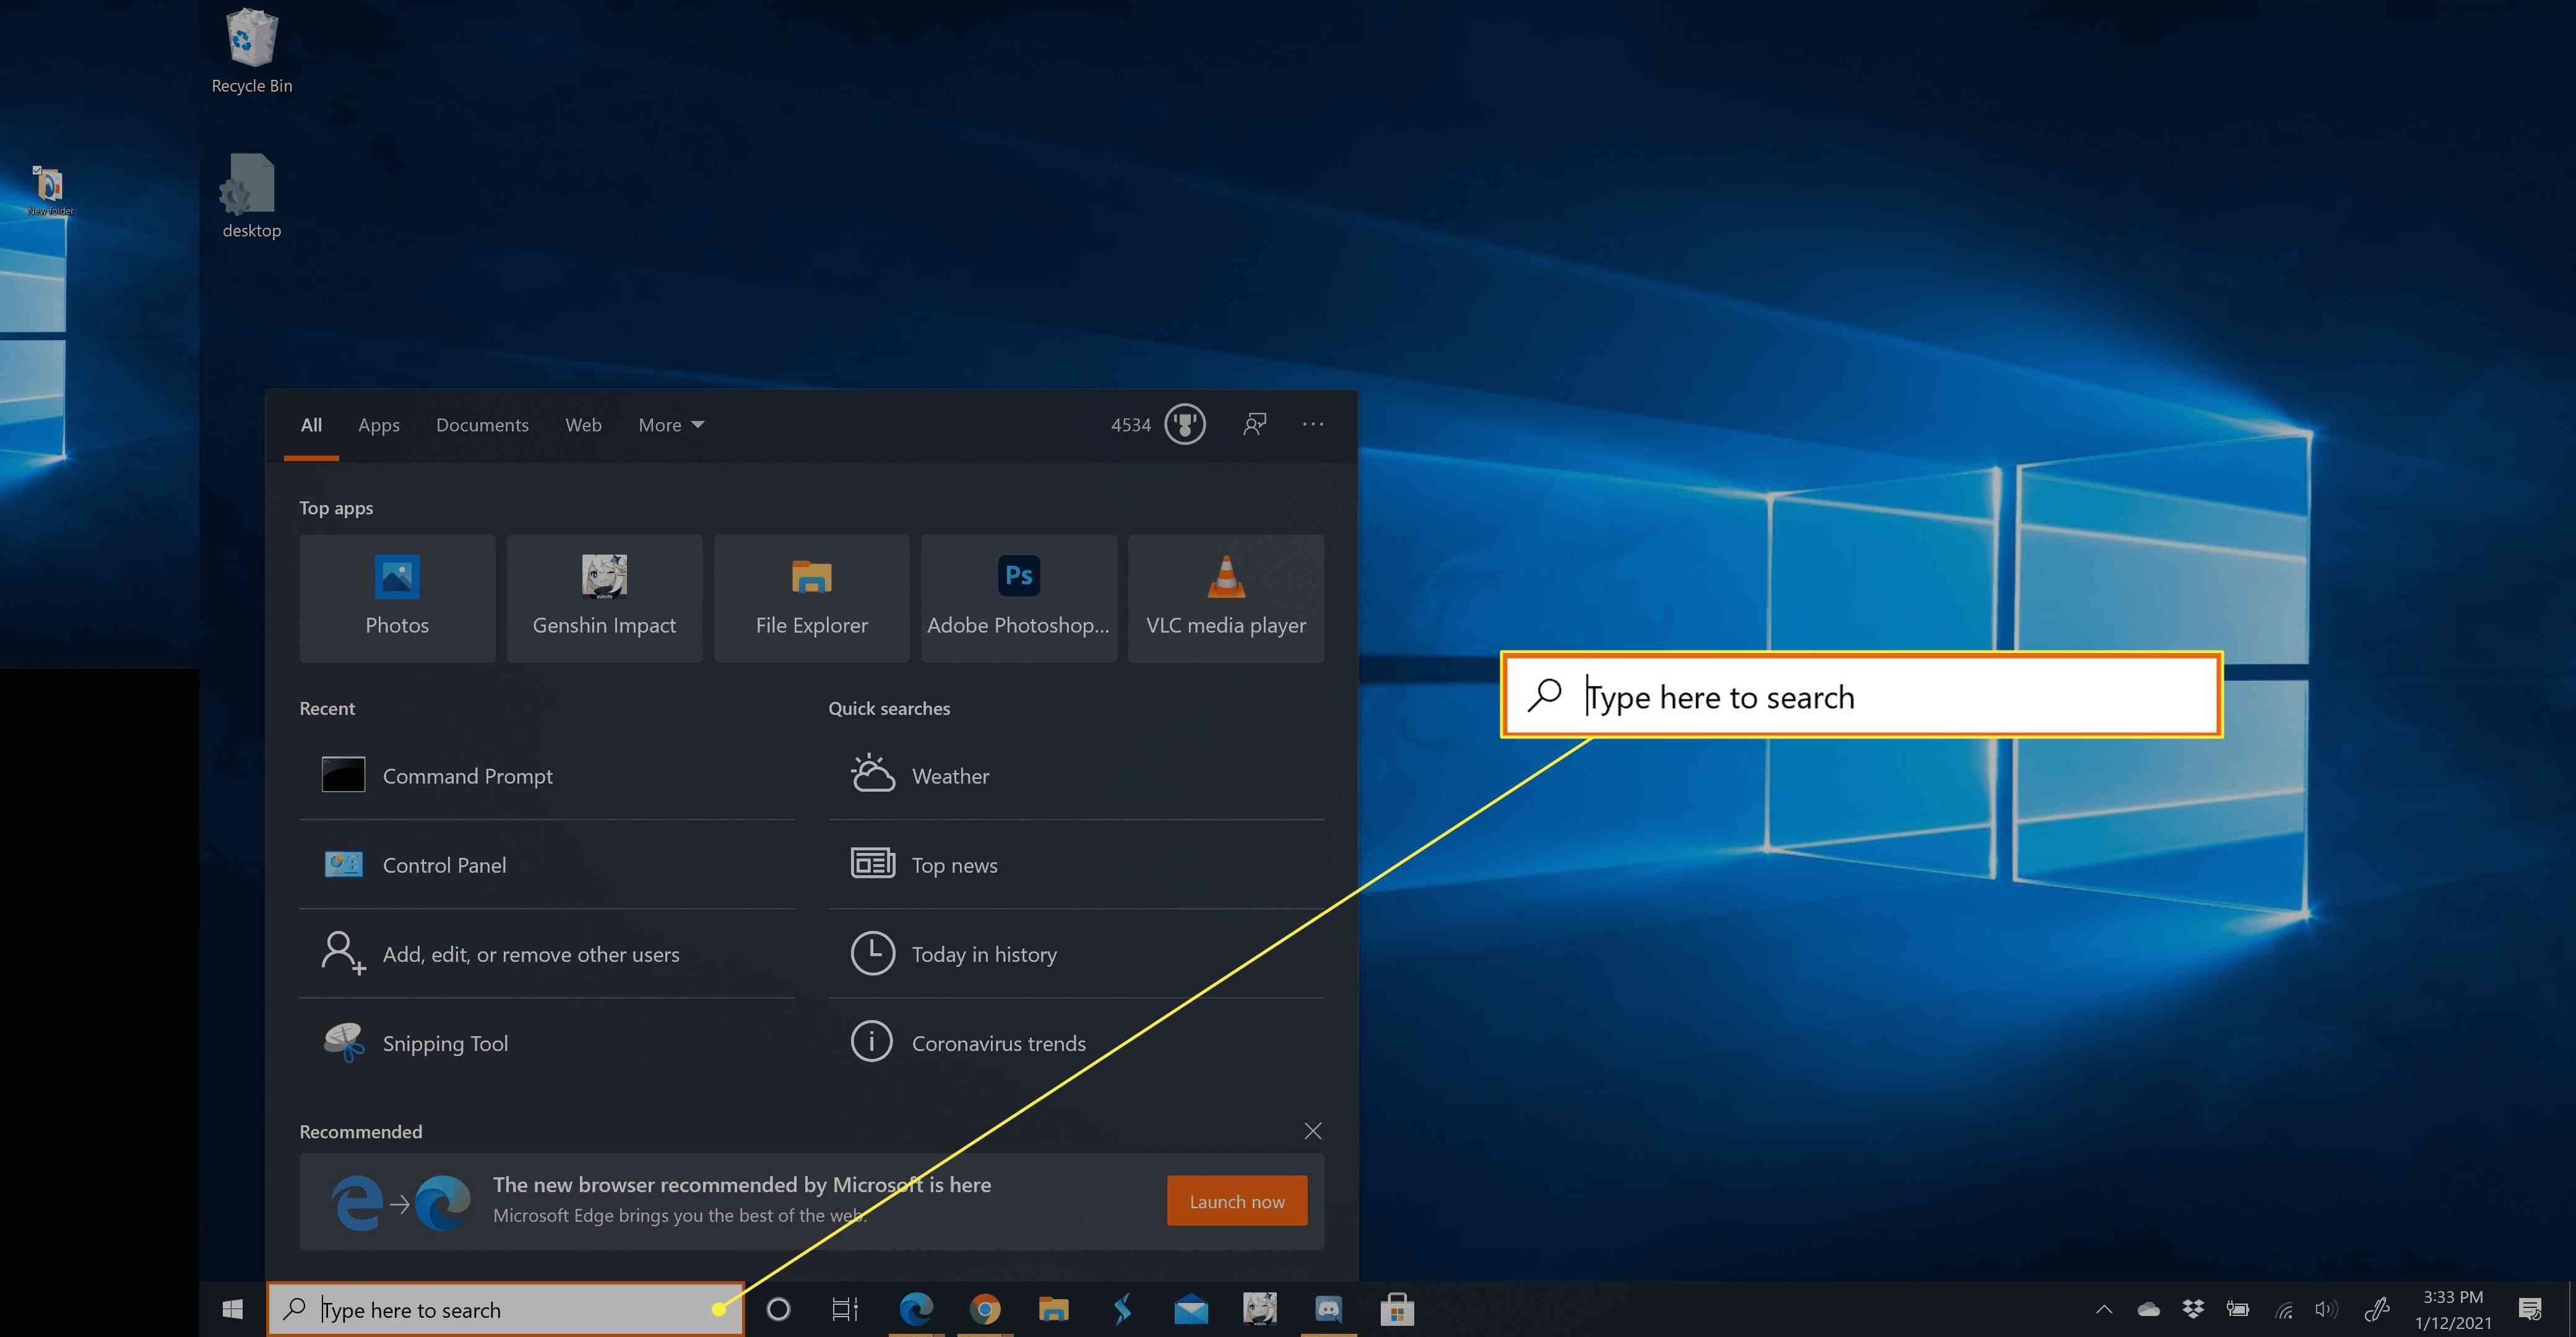 Windows 10 taskbar search.